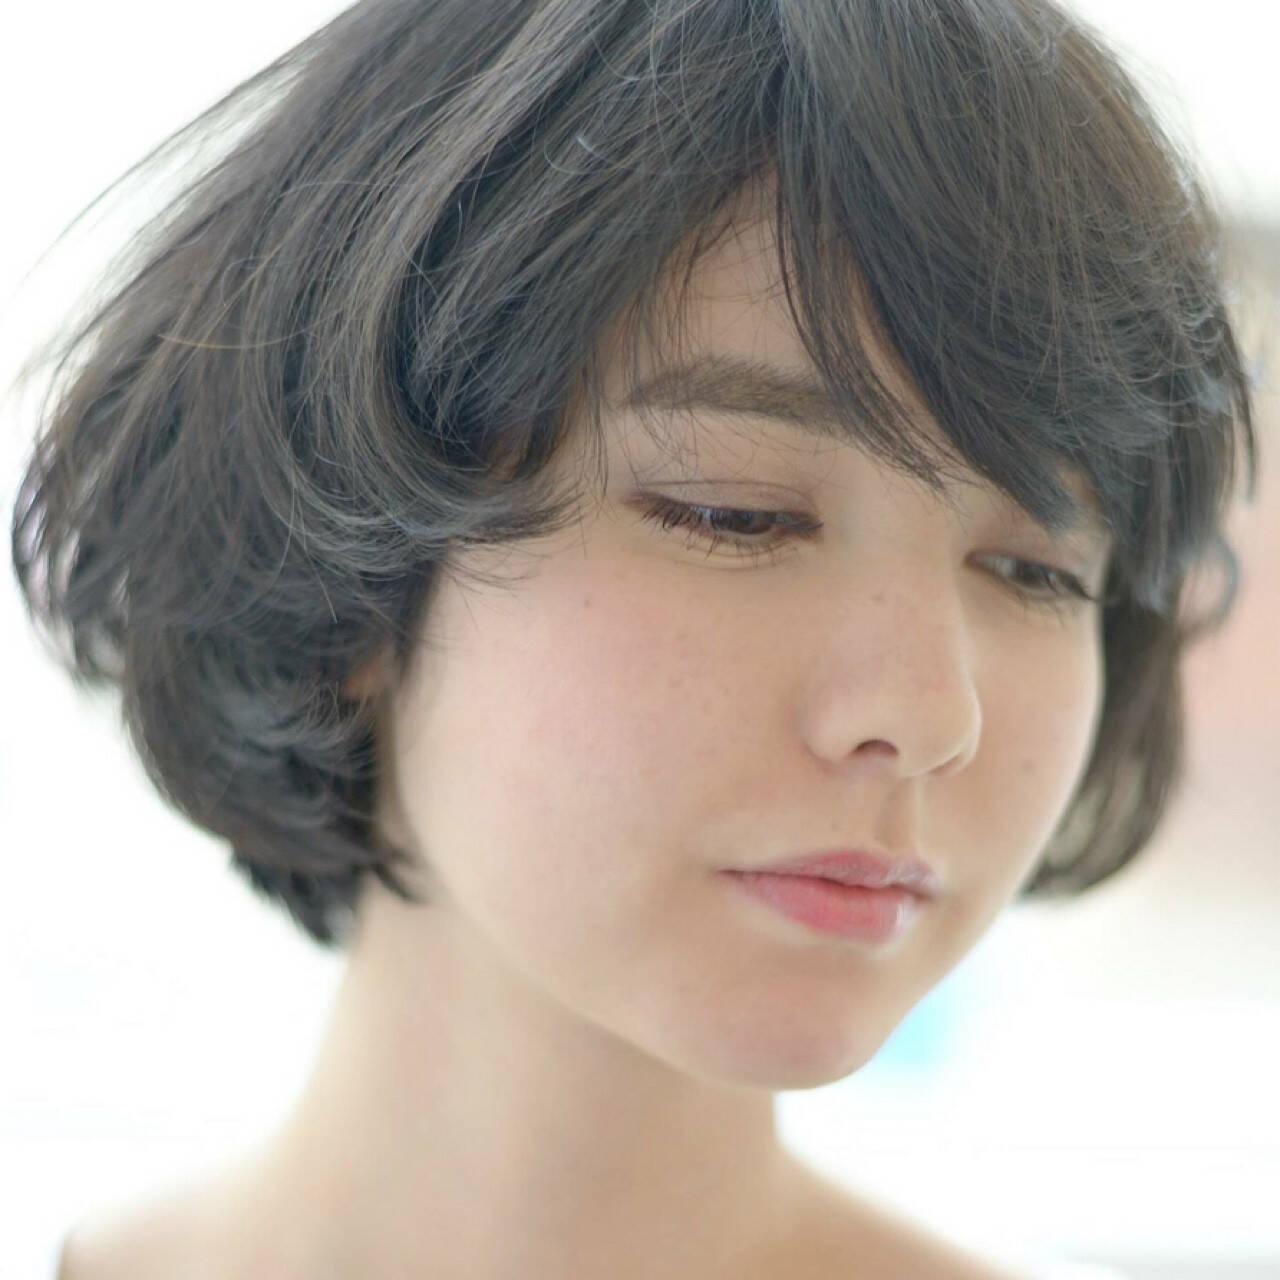 ナチュラル 簡単 フェミニン ボブヘアスタイルや髪型の写真・画像